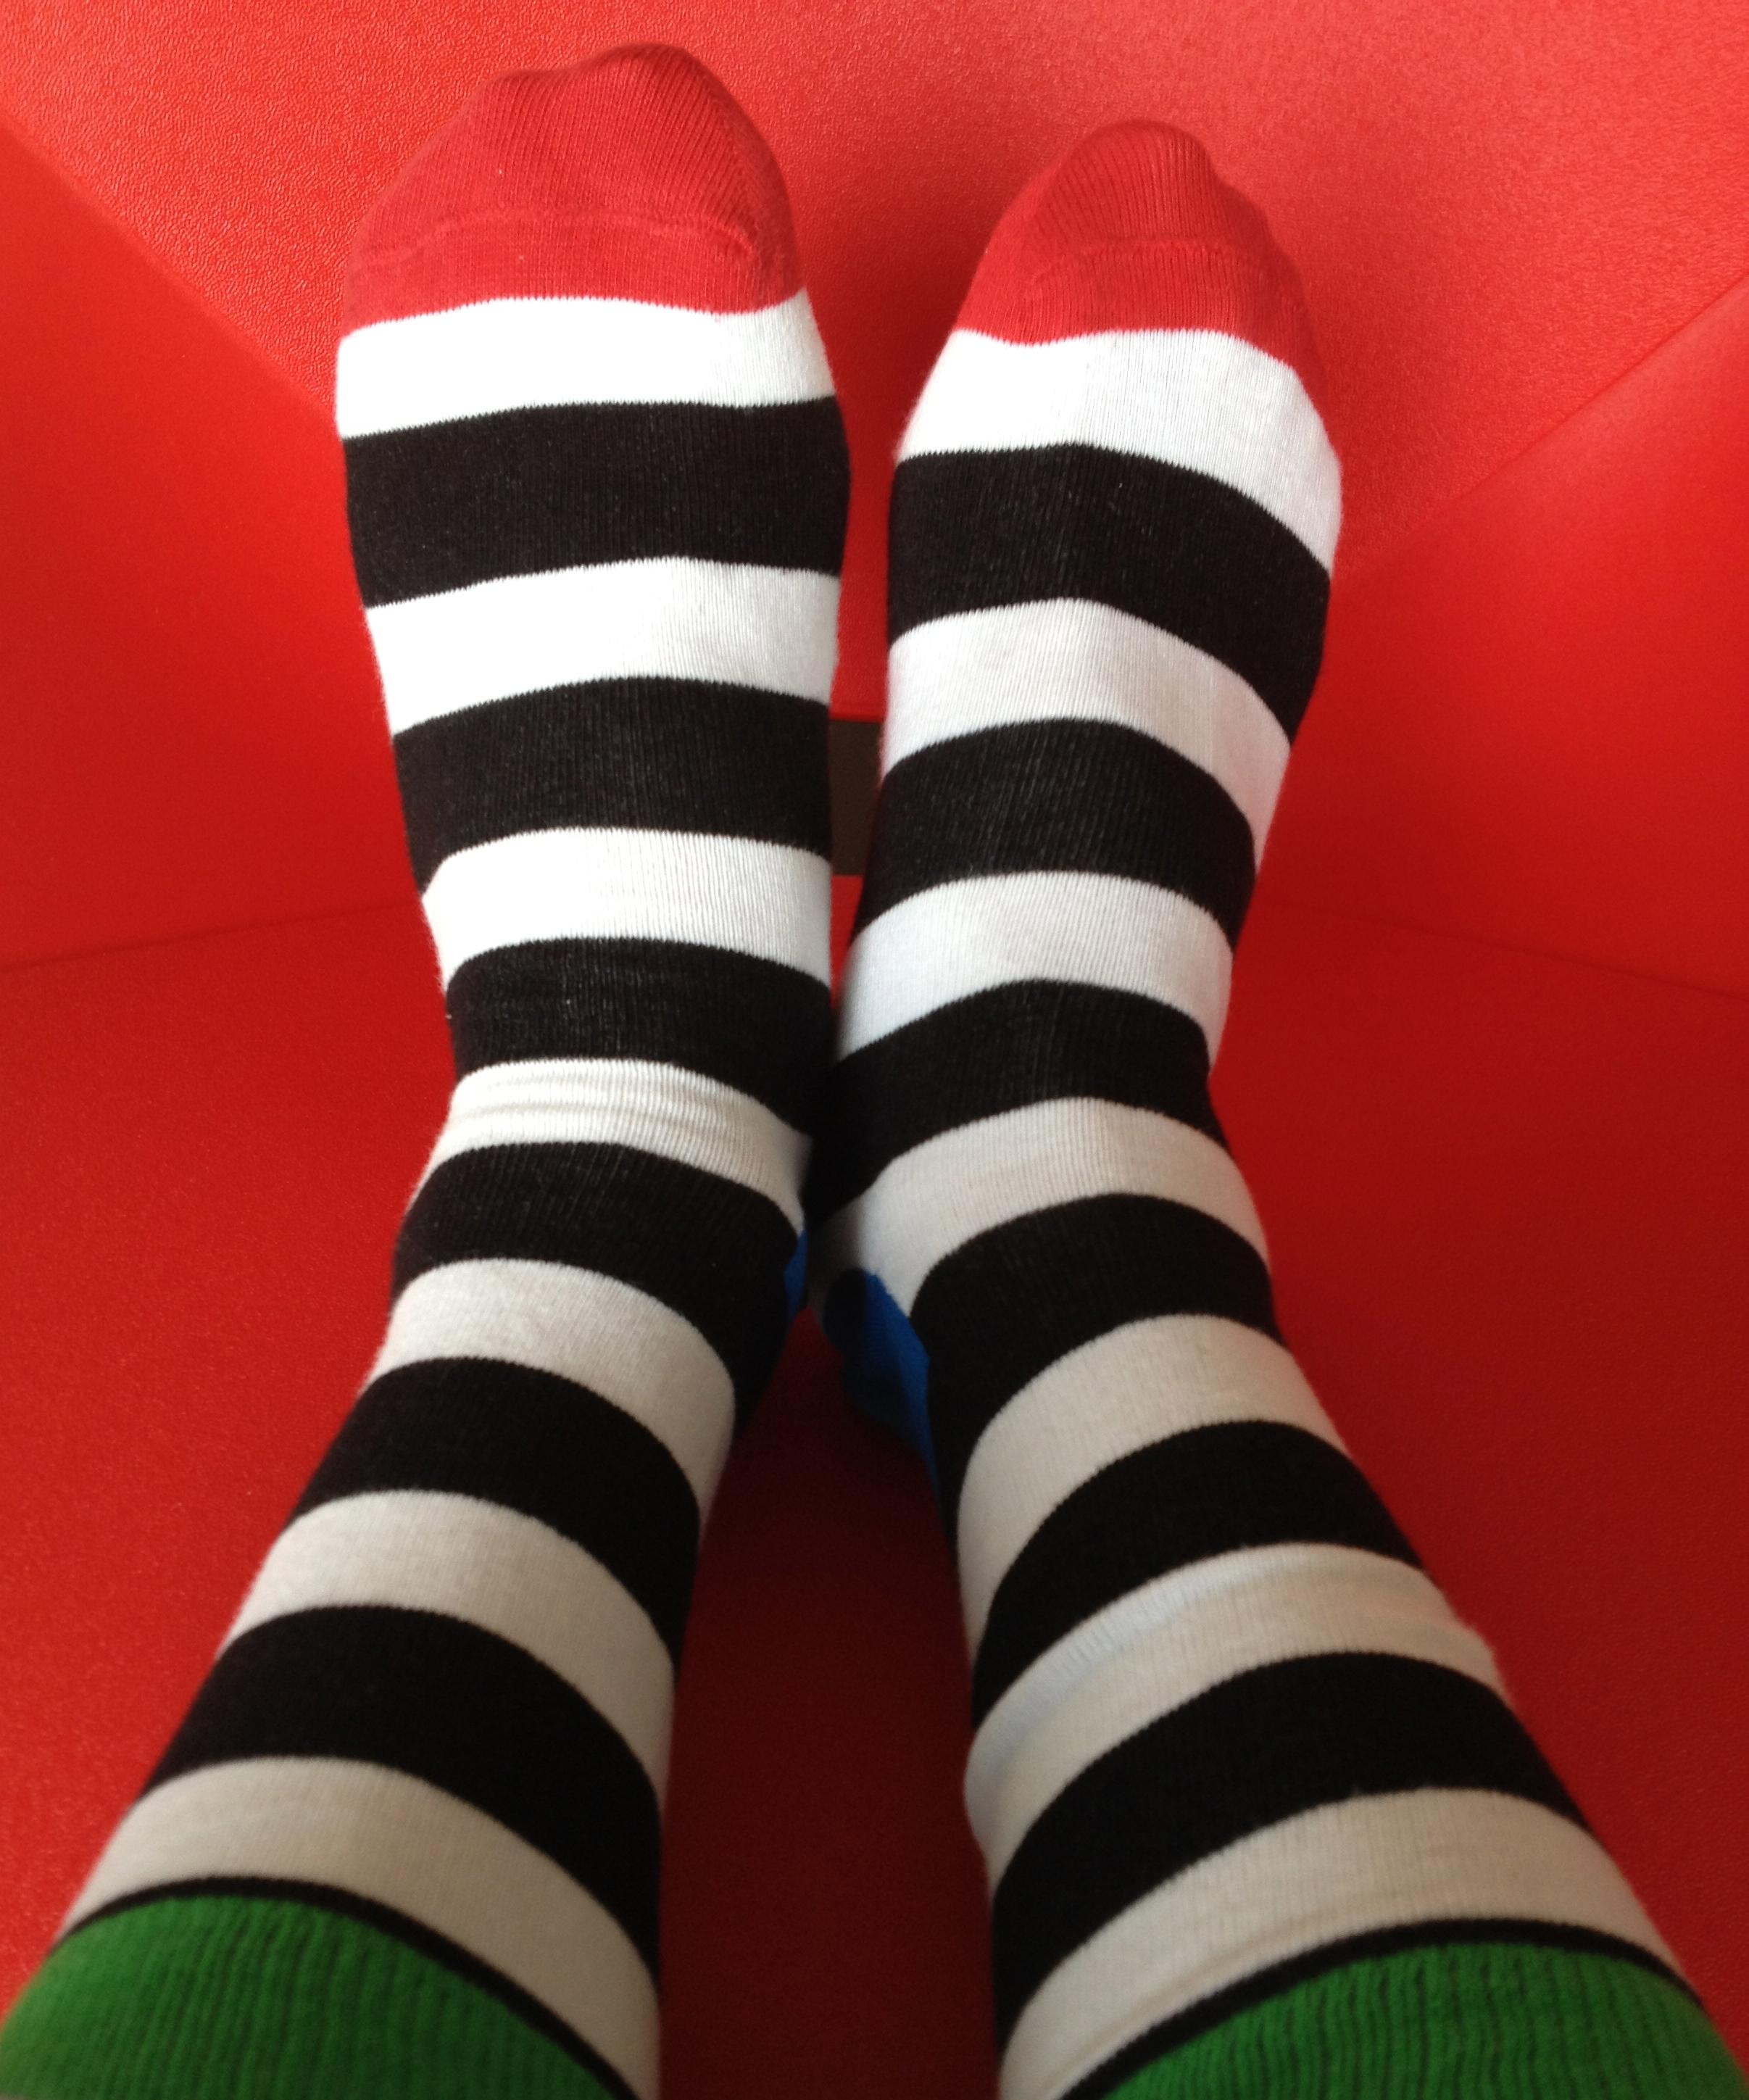 本日の靴下。サミーからのお誕生日プレゼント